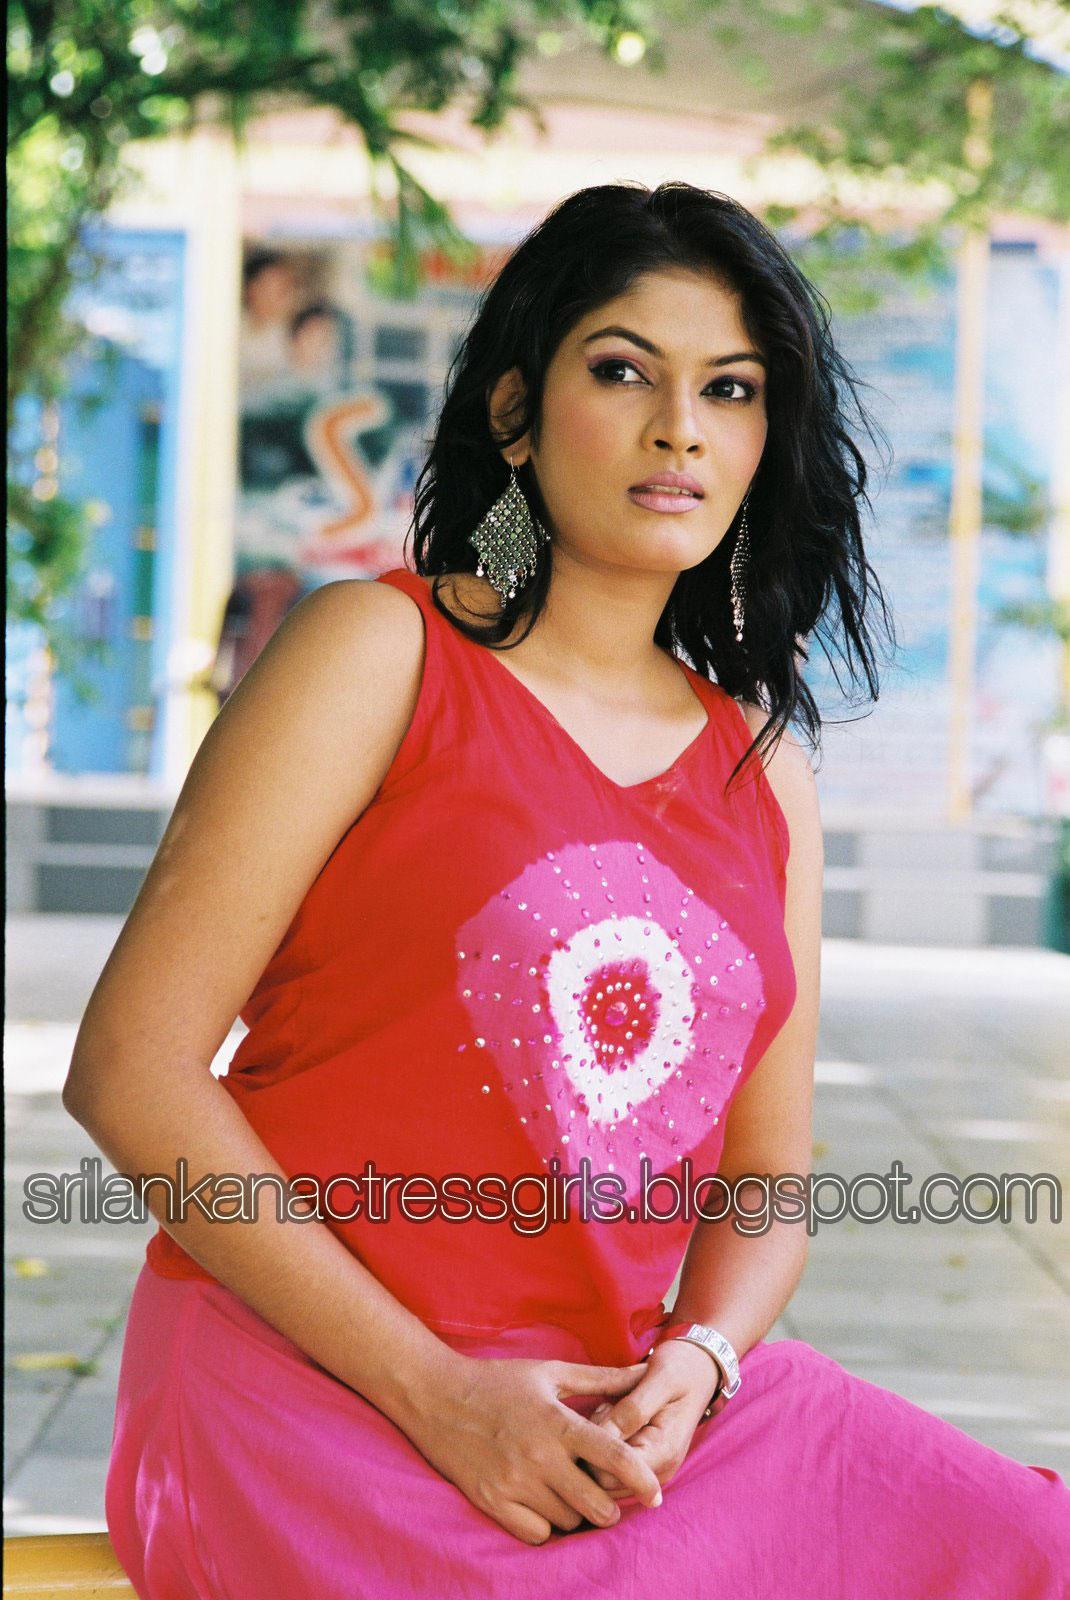 xxx lanka actress